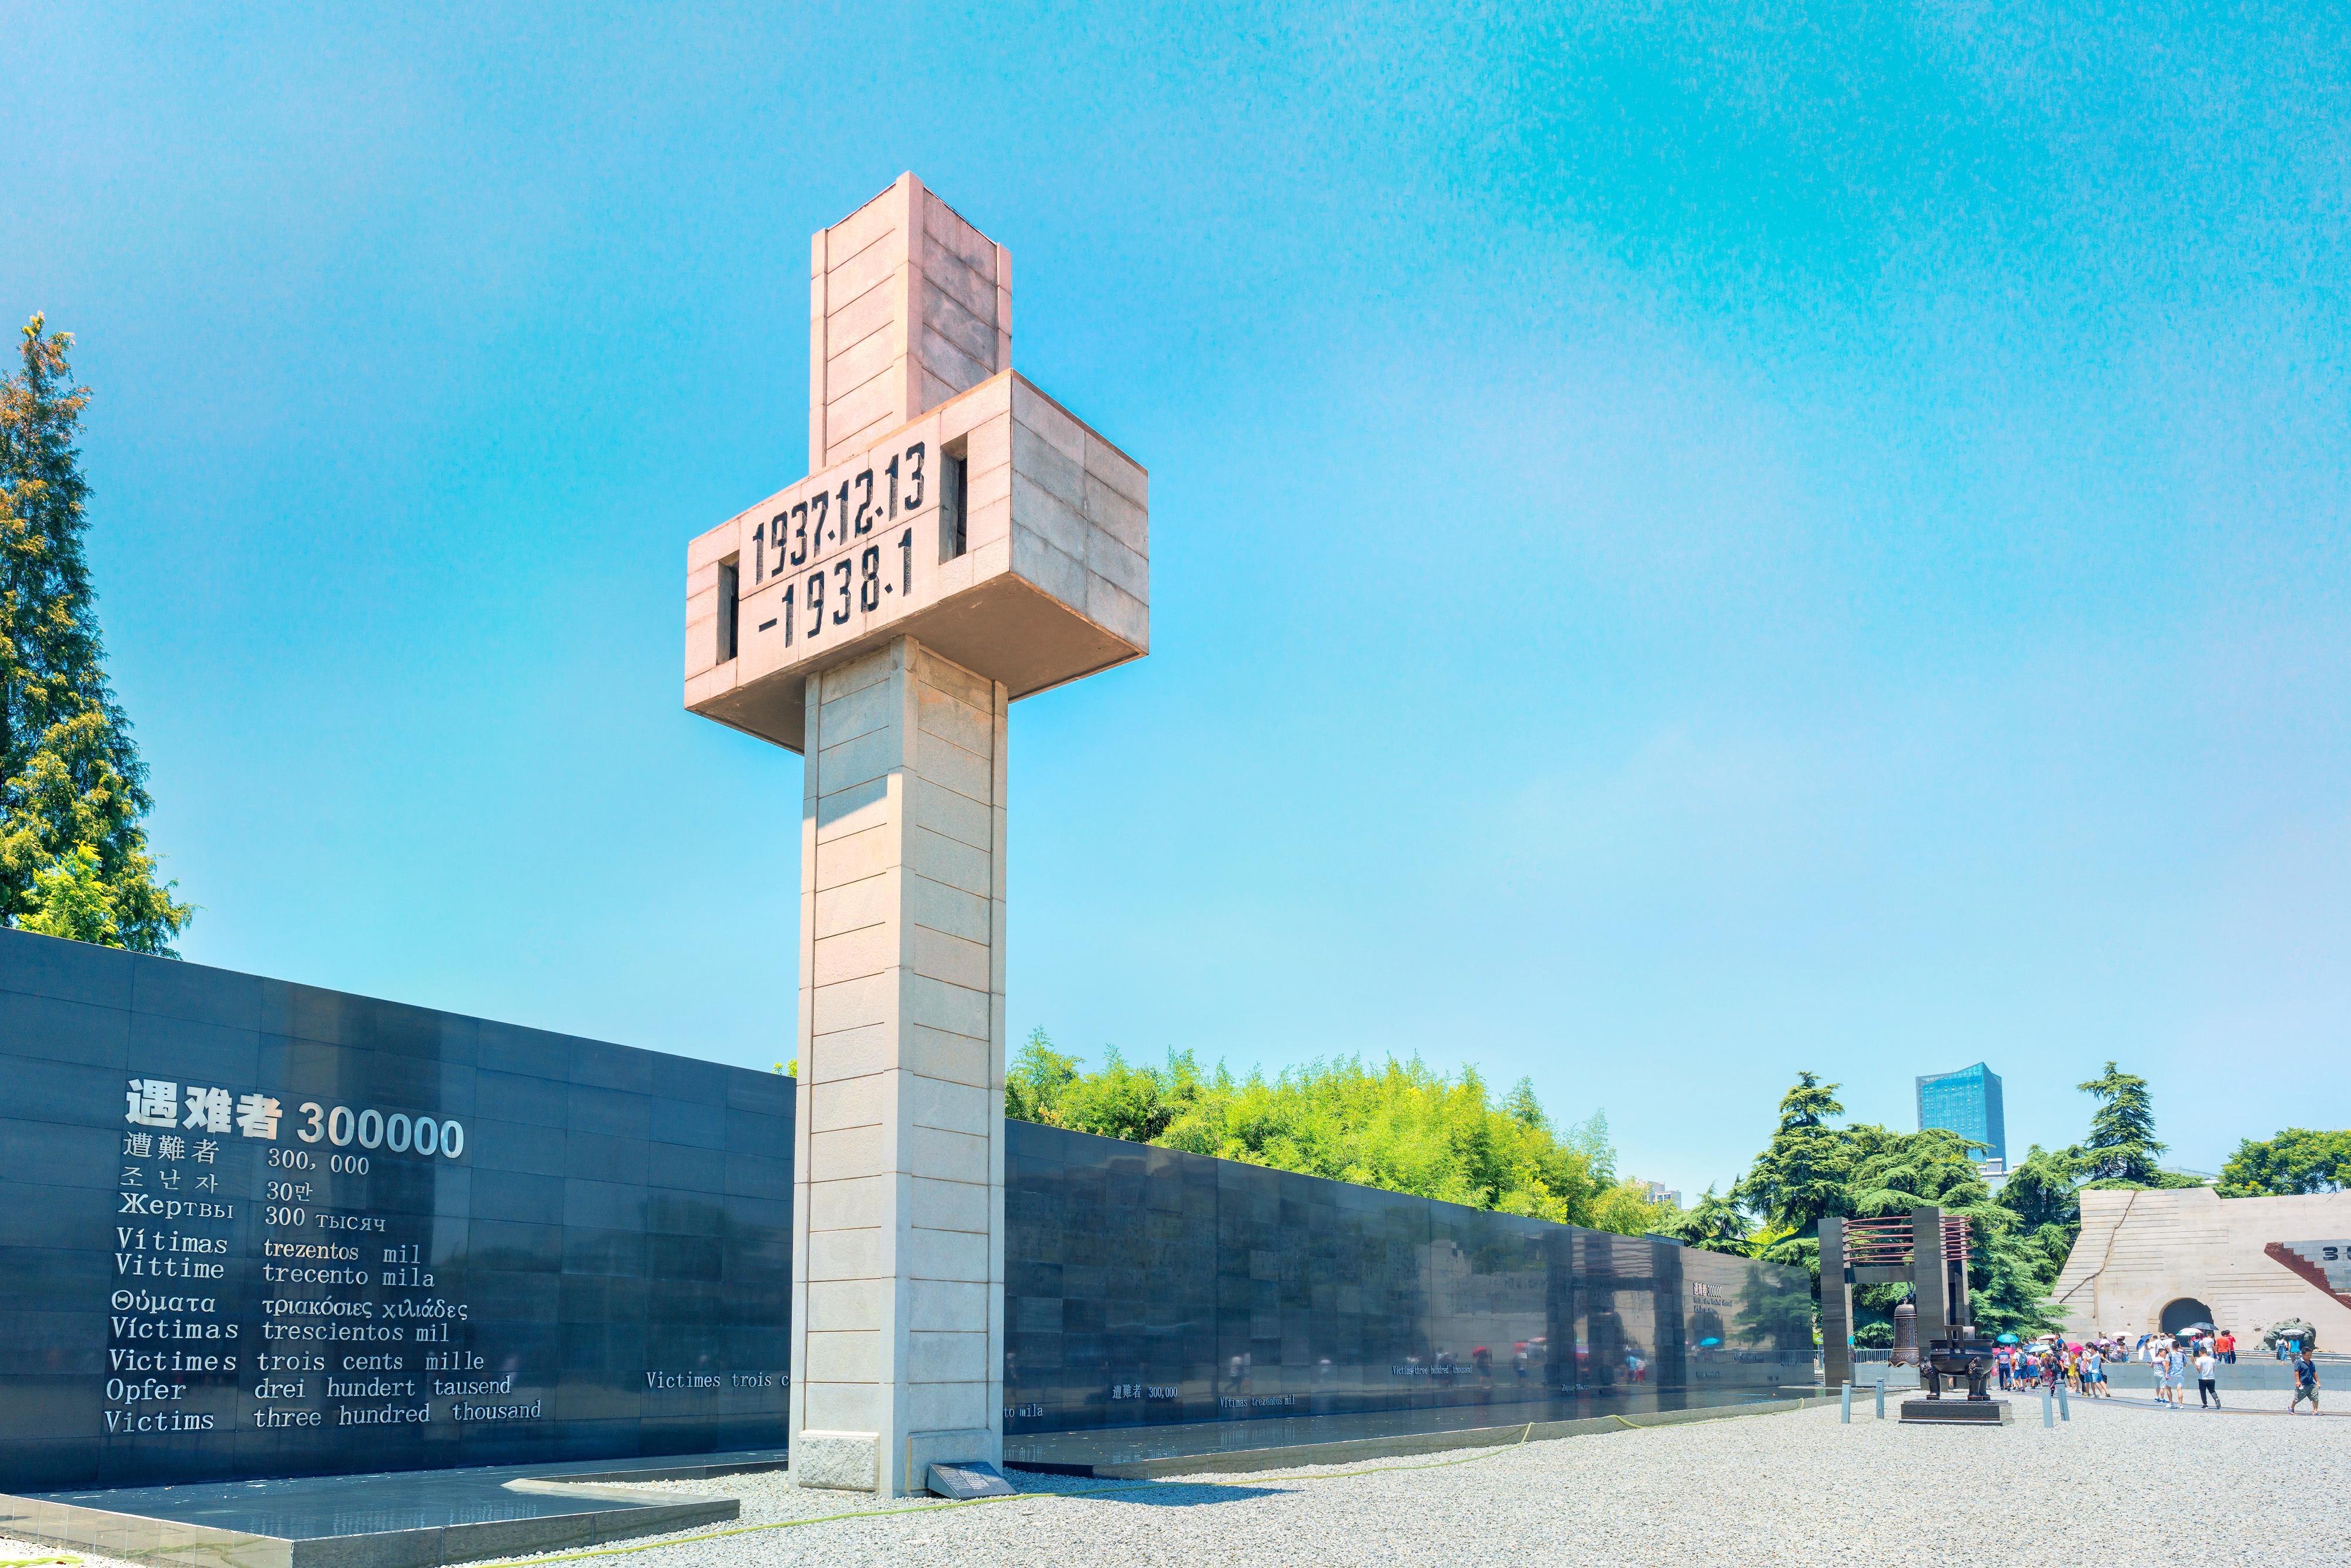 侵華日軍南京大屠殺遇難同胞紀念館+中山陵景區+夫子廟一日遊(可選總統府)